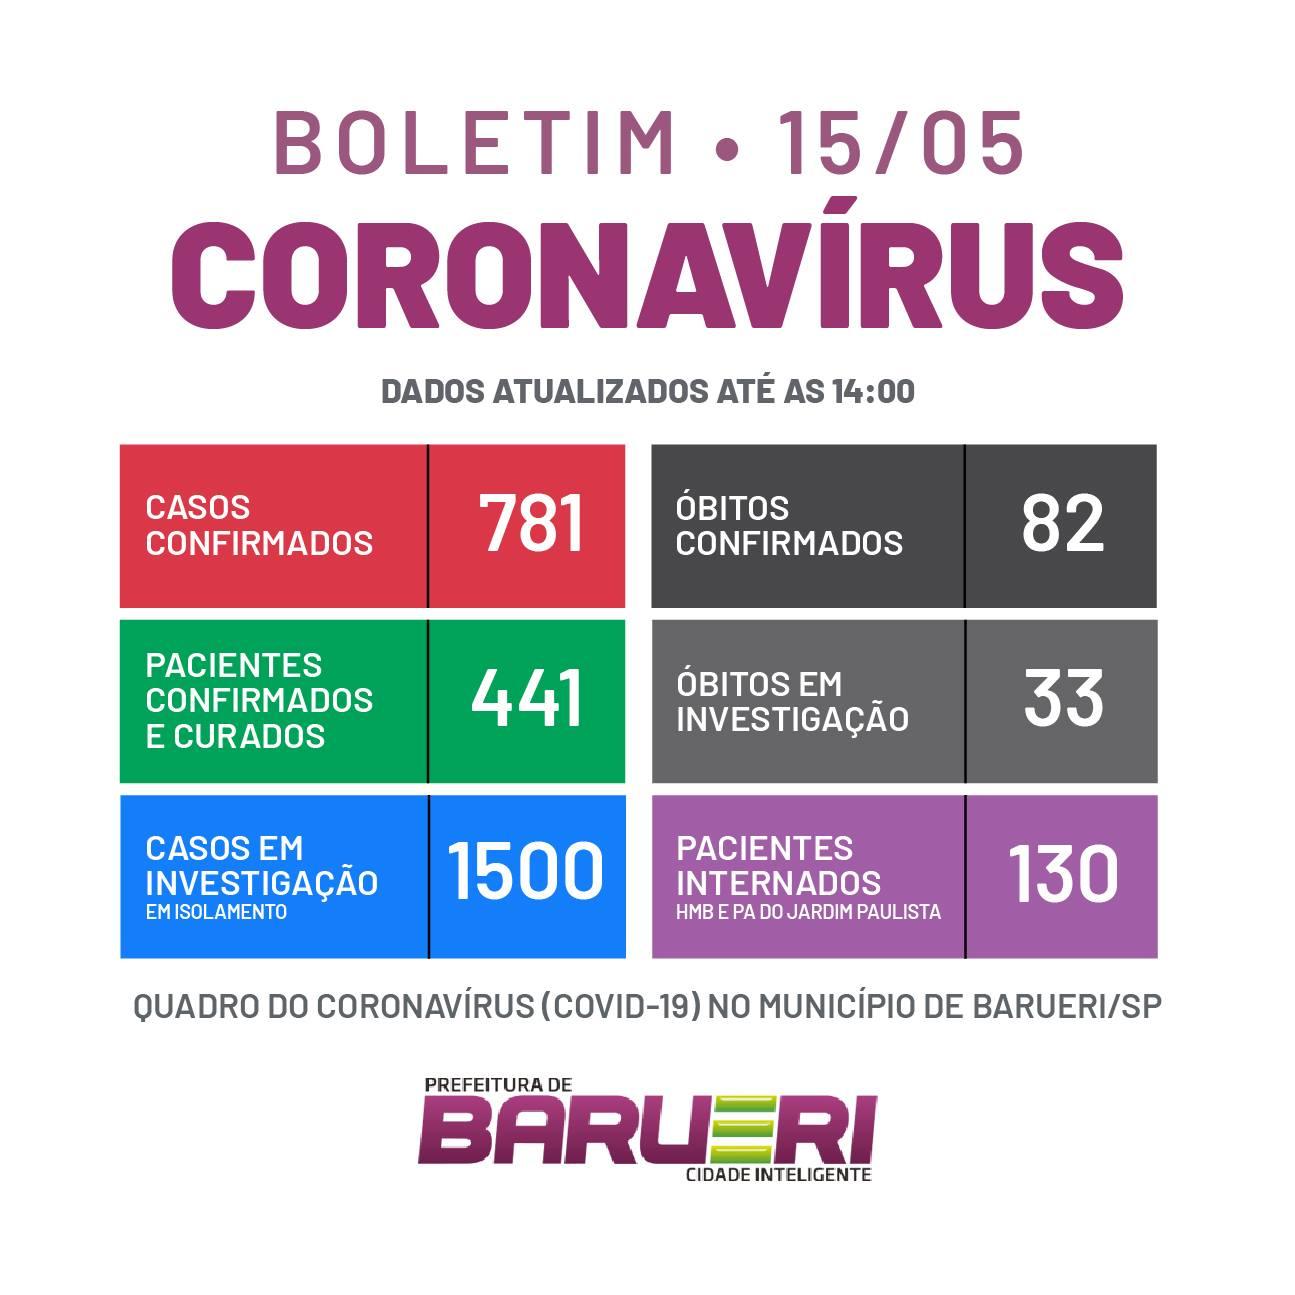 boletim coronavírus Barueri 15 05